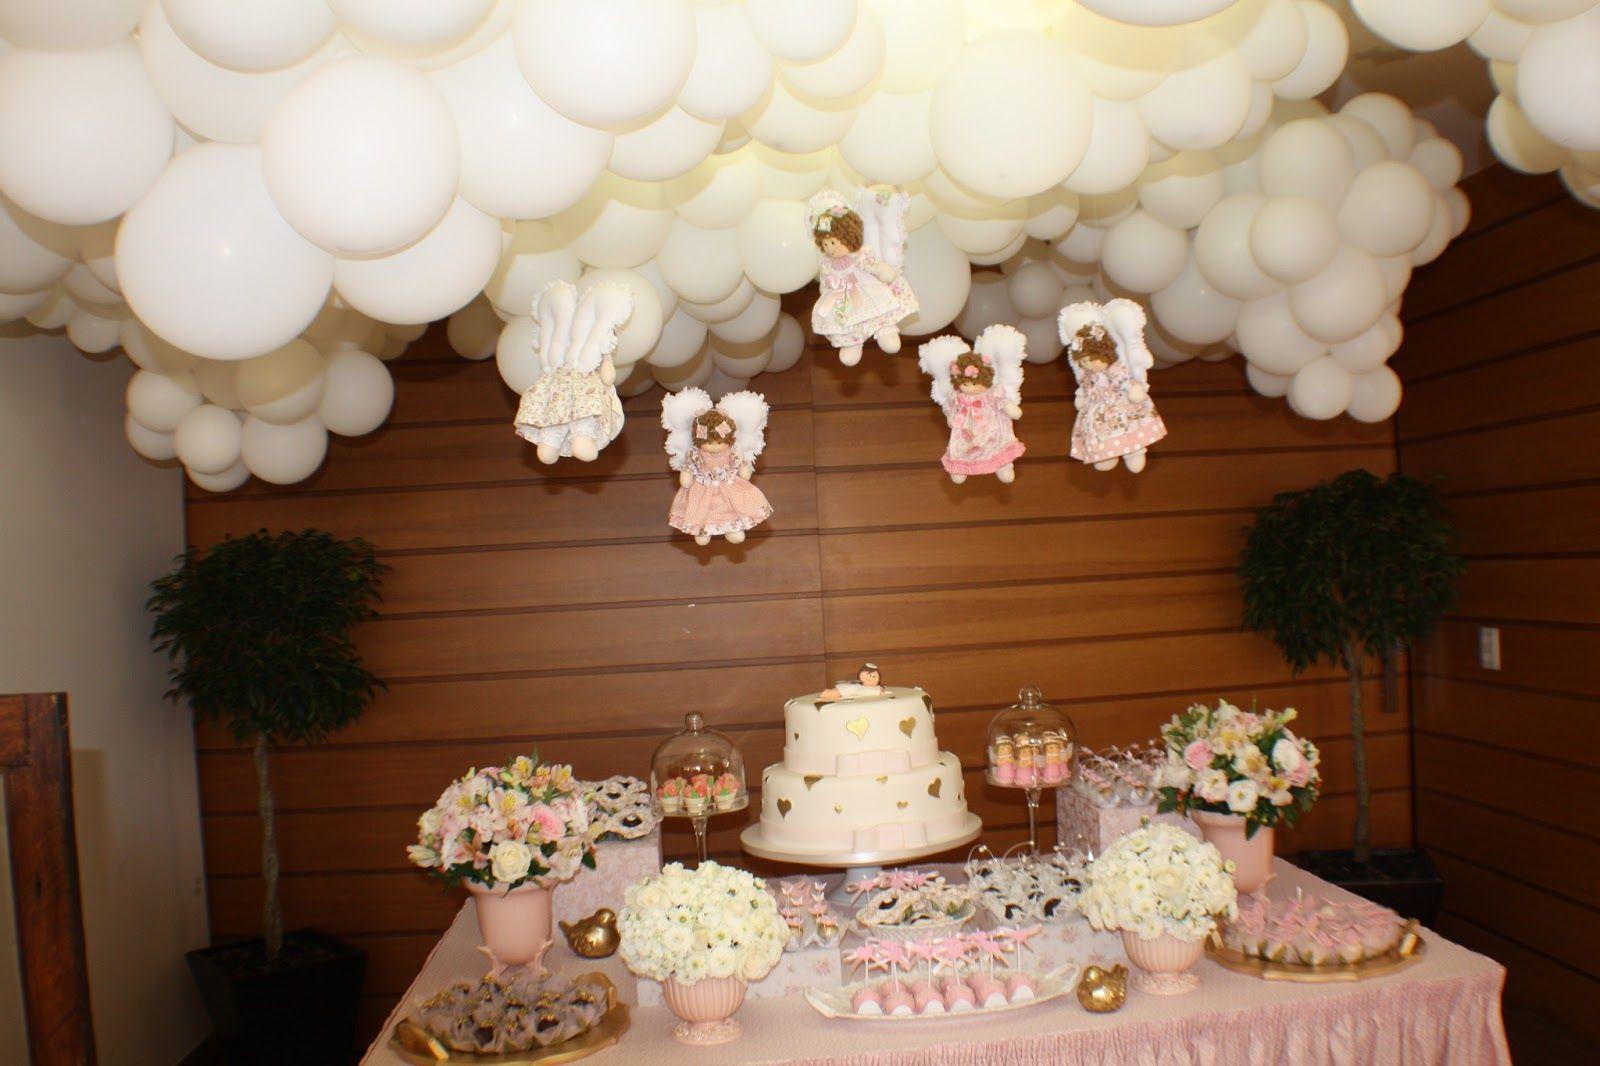 decoraç u00e3o de batizado branco e rosa Pesquisa Google decoraçao Decoraç u00e3o batizado  -> Decoração De Batizado Com Anjos Simples